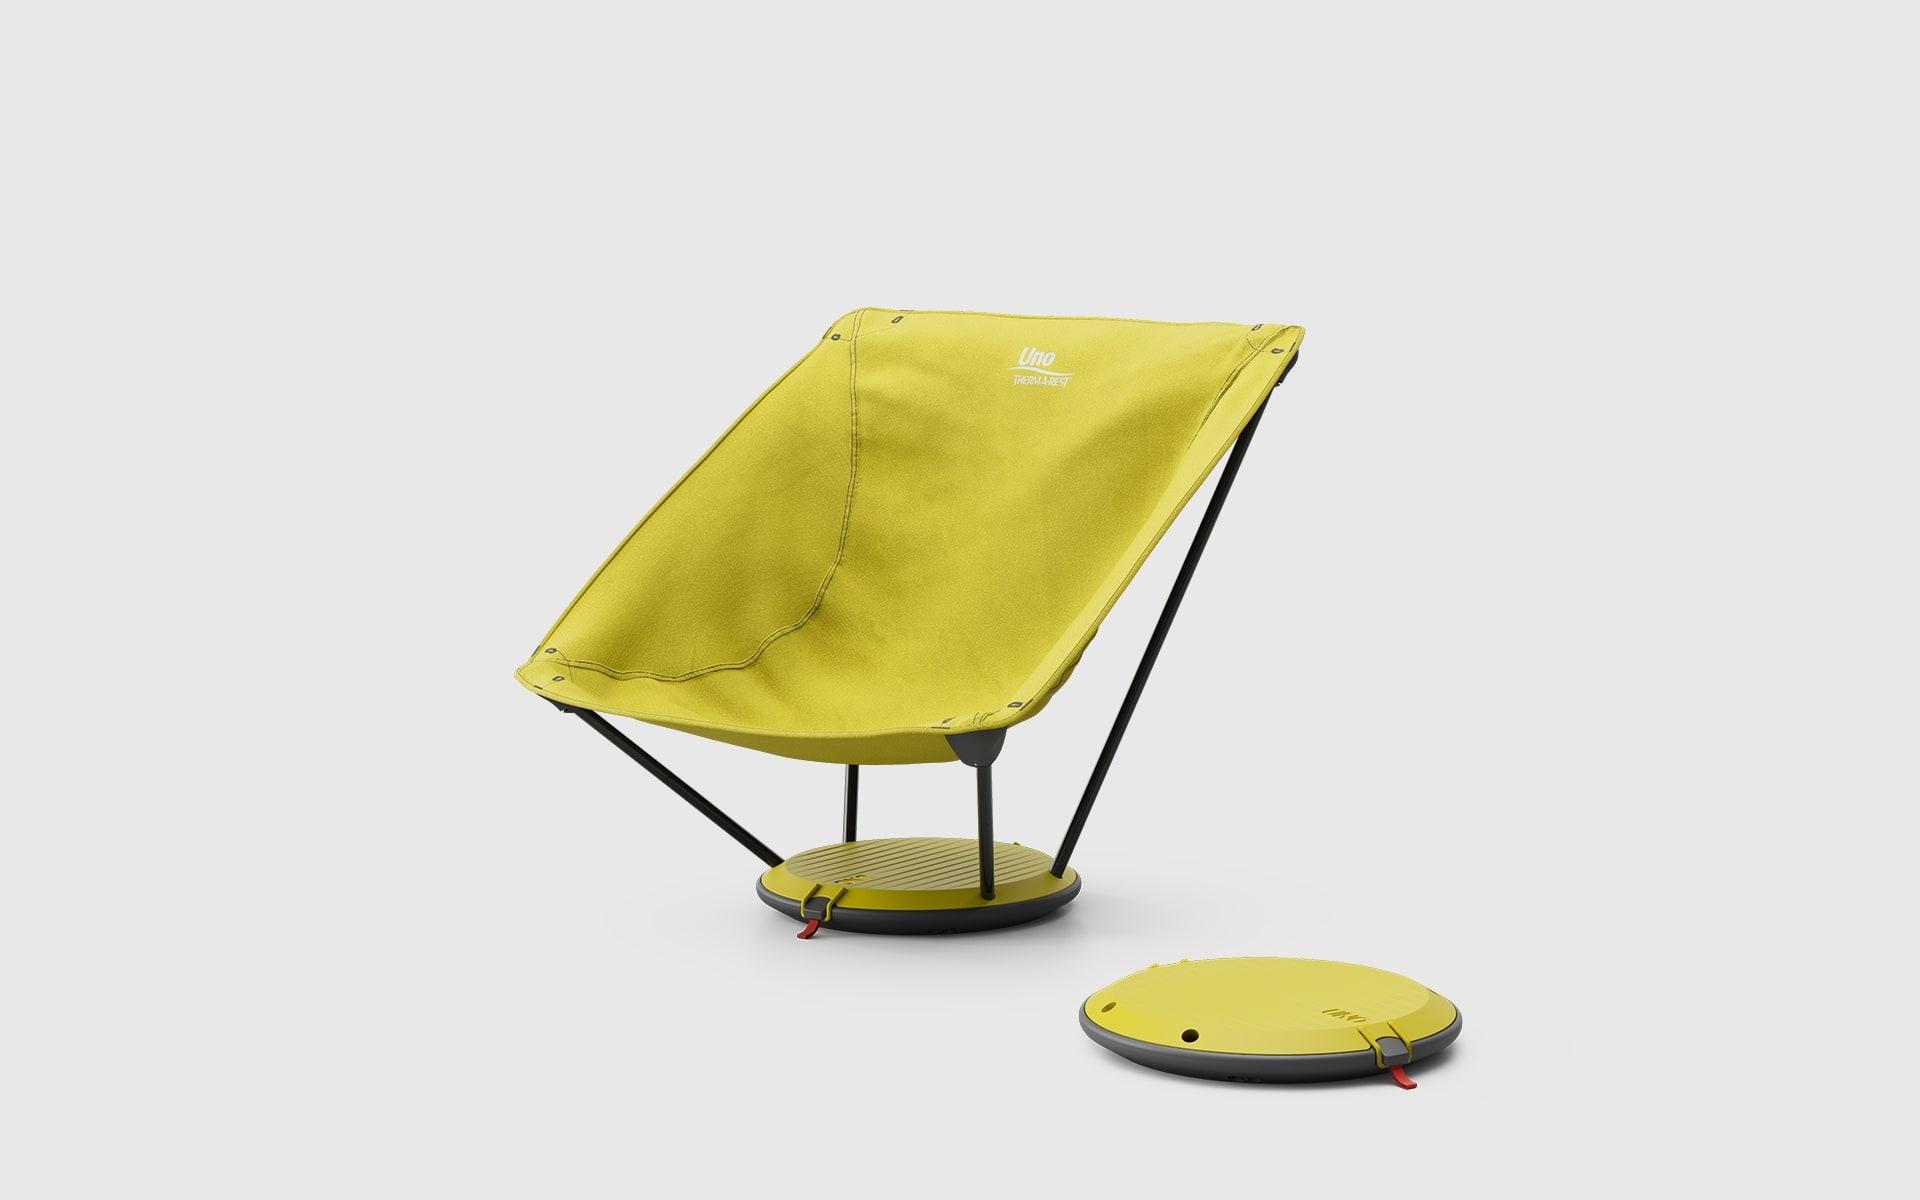 Gelber Therm-a-Rest Uno Outdoor-Stuhl von ITO Design, daneben ein zweiter Uno Outdoor-Stuhl, der in seinem Tellerfuss verstaut ist